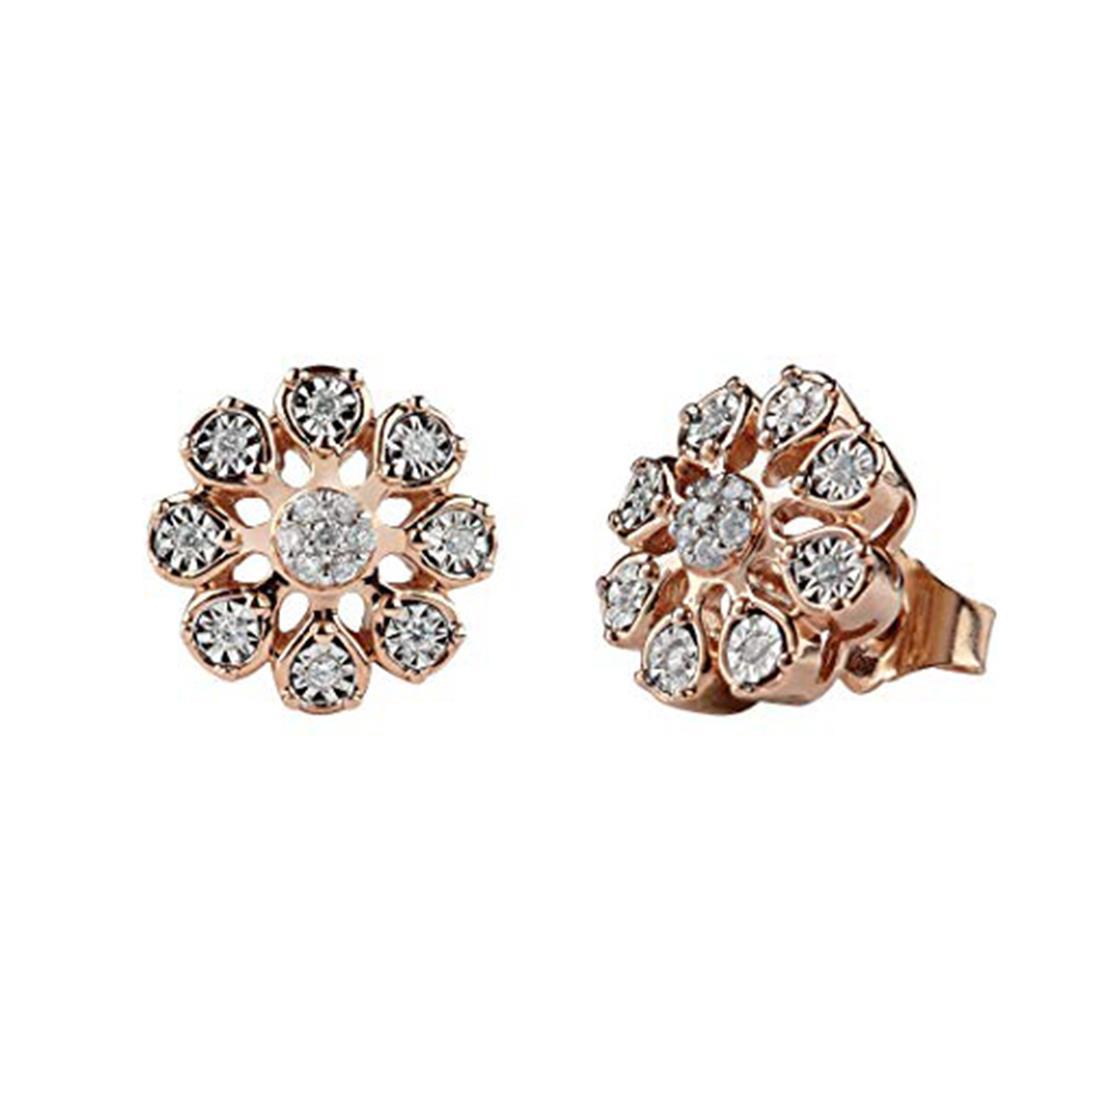 Orecchini con diamanti ct. 0,15 - BLISS